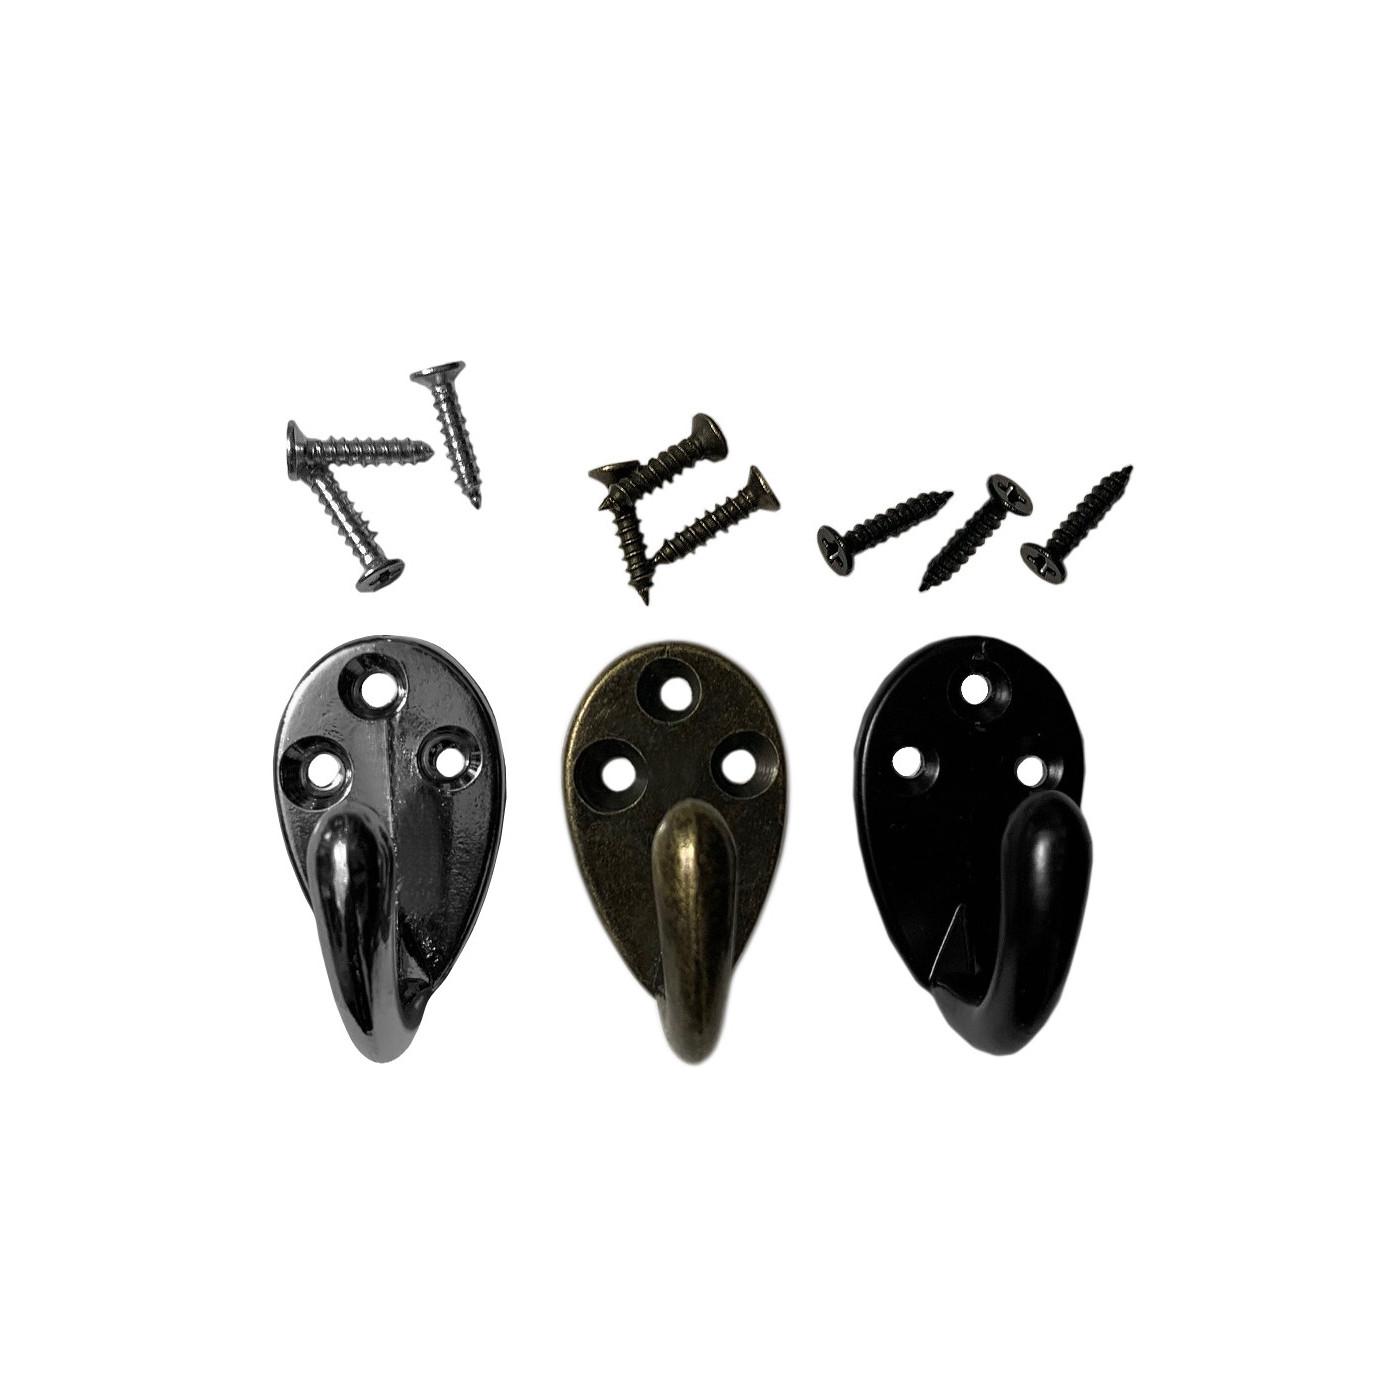 Set van 6 metalen kledinghaakjes, hangers (kleur: brons)